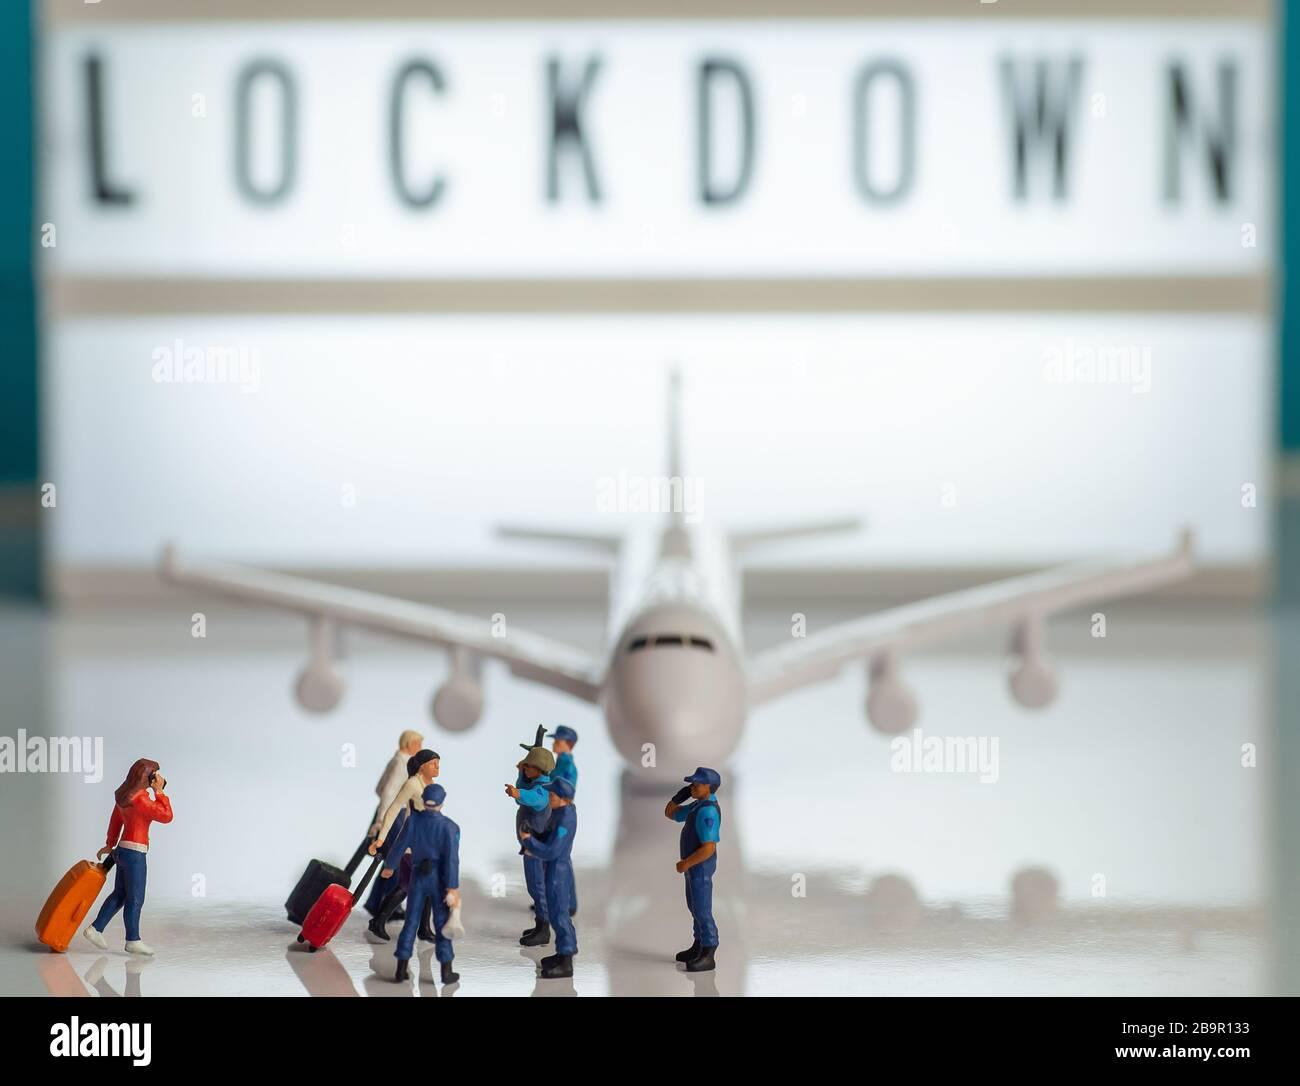 Seguridad aeropuerto restricciones de viaje concepto de bloqueo de imágenes - miniatura juguetes de la policía o oficiales de patrulla de fronteras deteniendo a los pasajeros de un plan Foto de stock